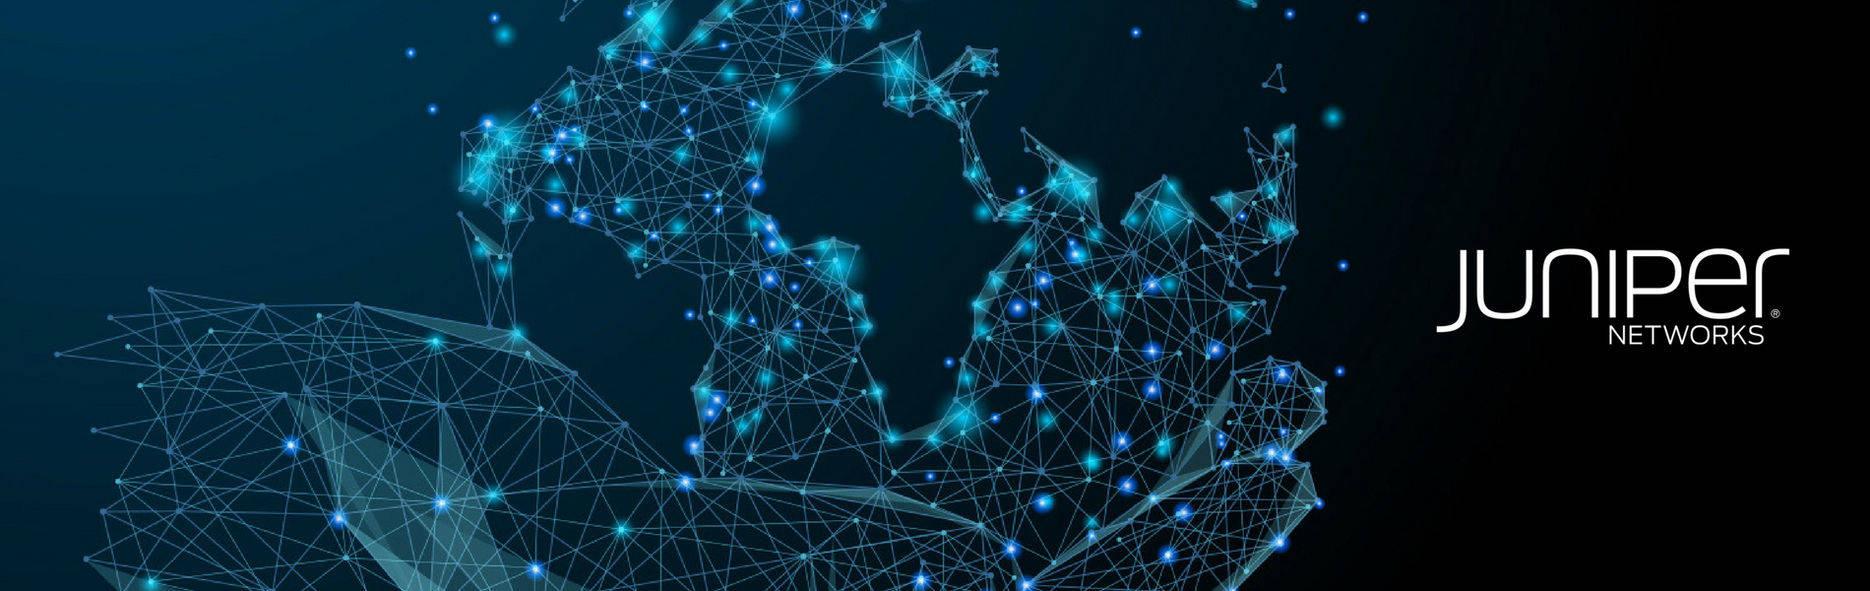 juniper networks sonar